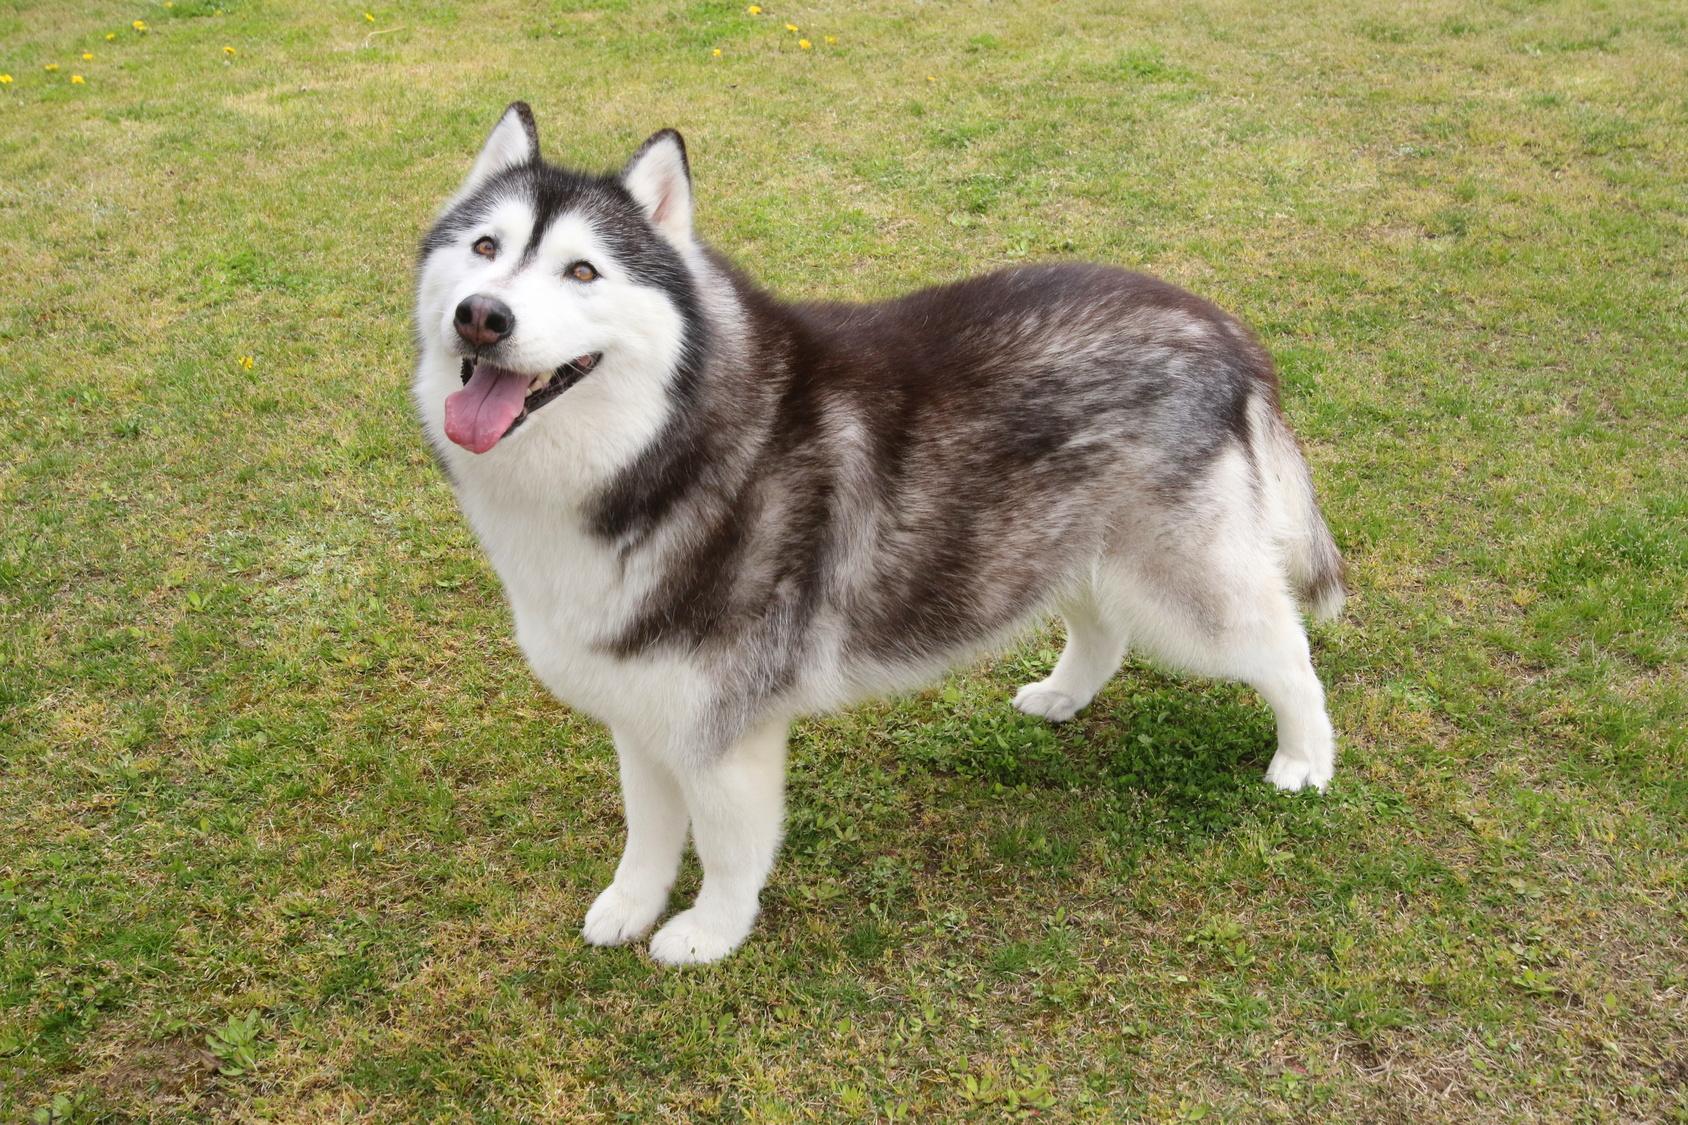 ワンワン大好きアンケート調査~愛犬とのコミュニケーションで、ドッグランを楽しむ人は約50%!その理由は?!